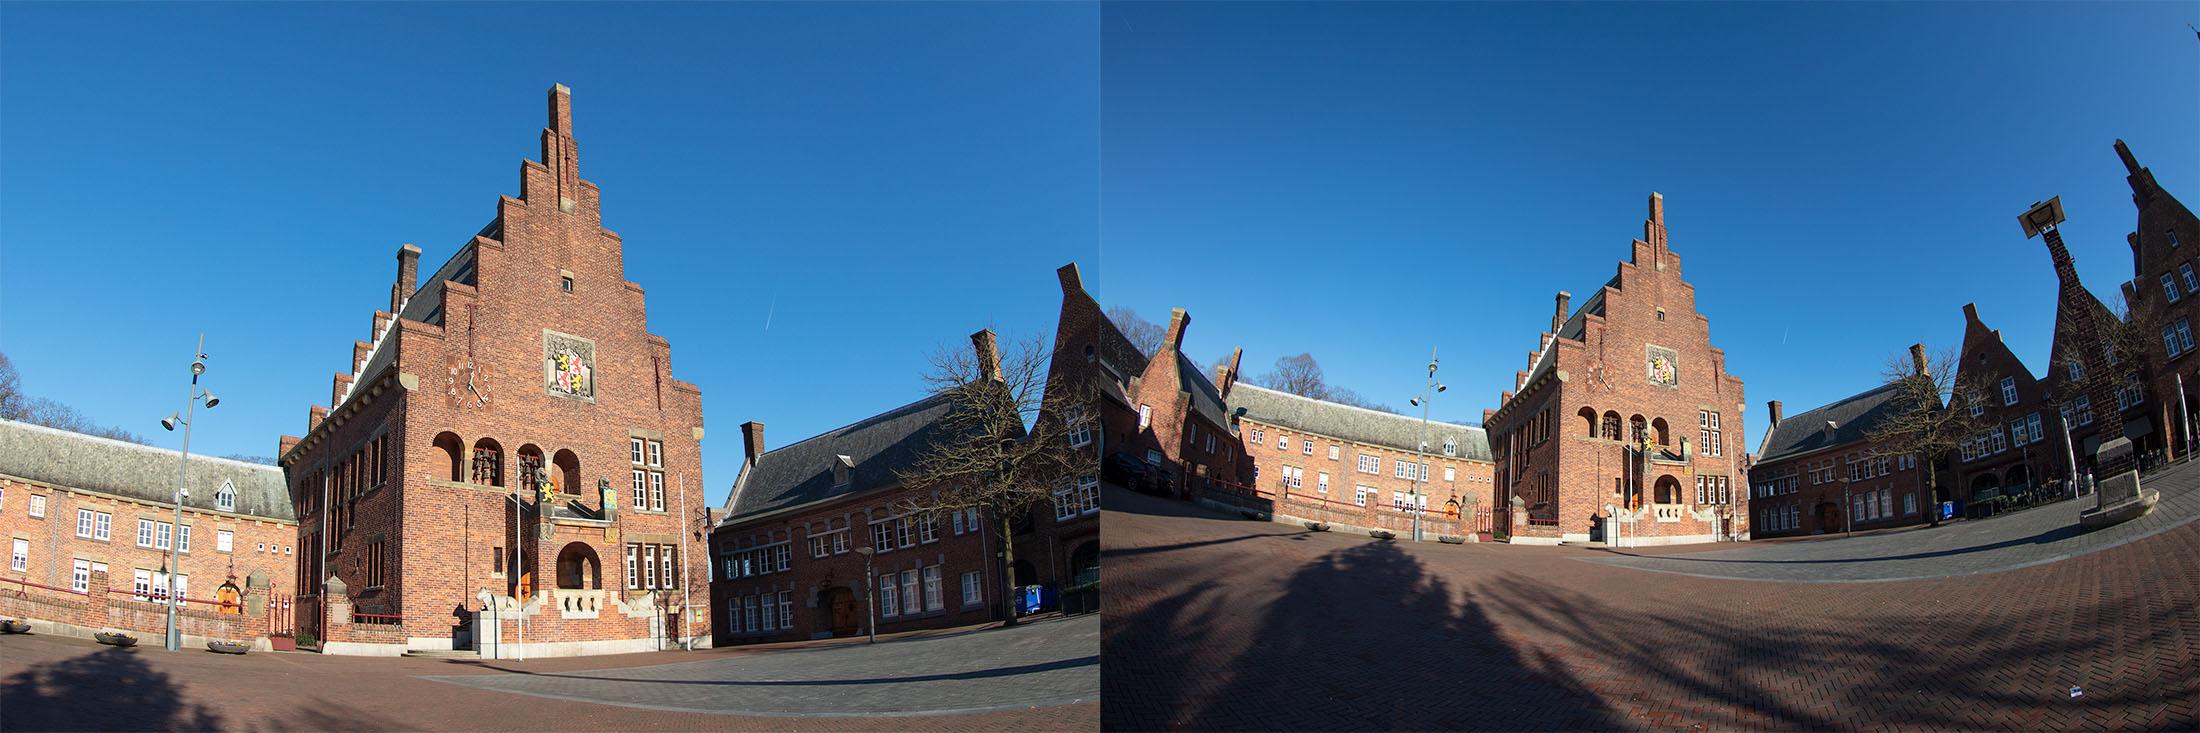 Een foto met een 1.6 cropcamera en eentje met een fullframe